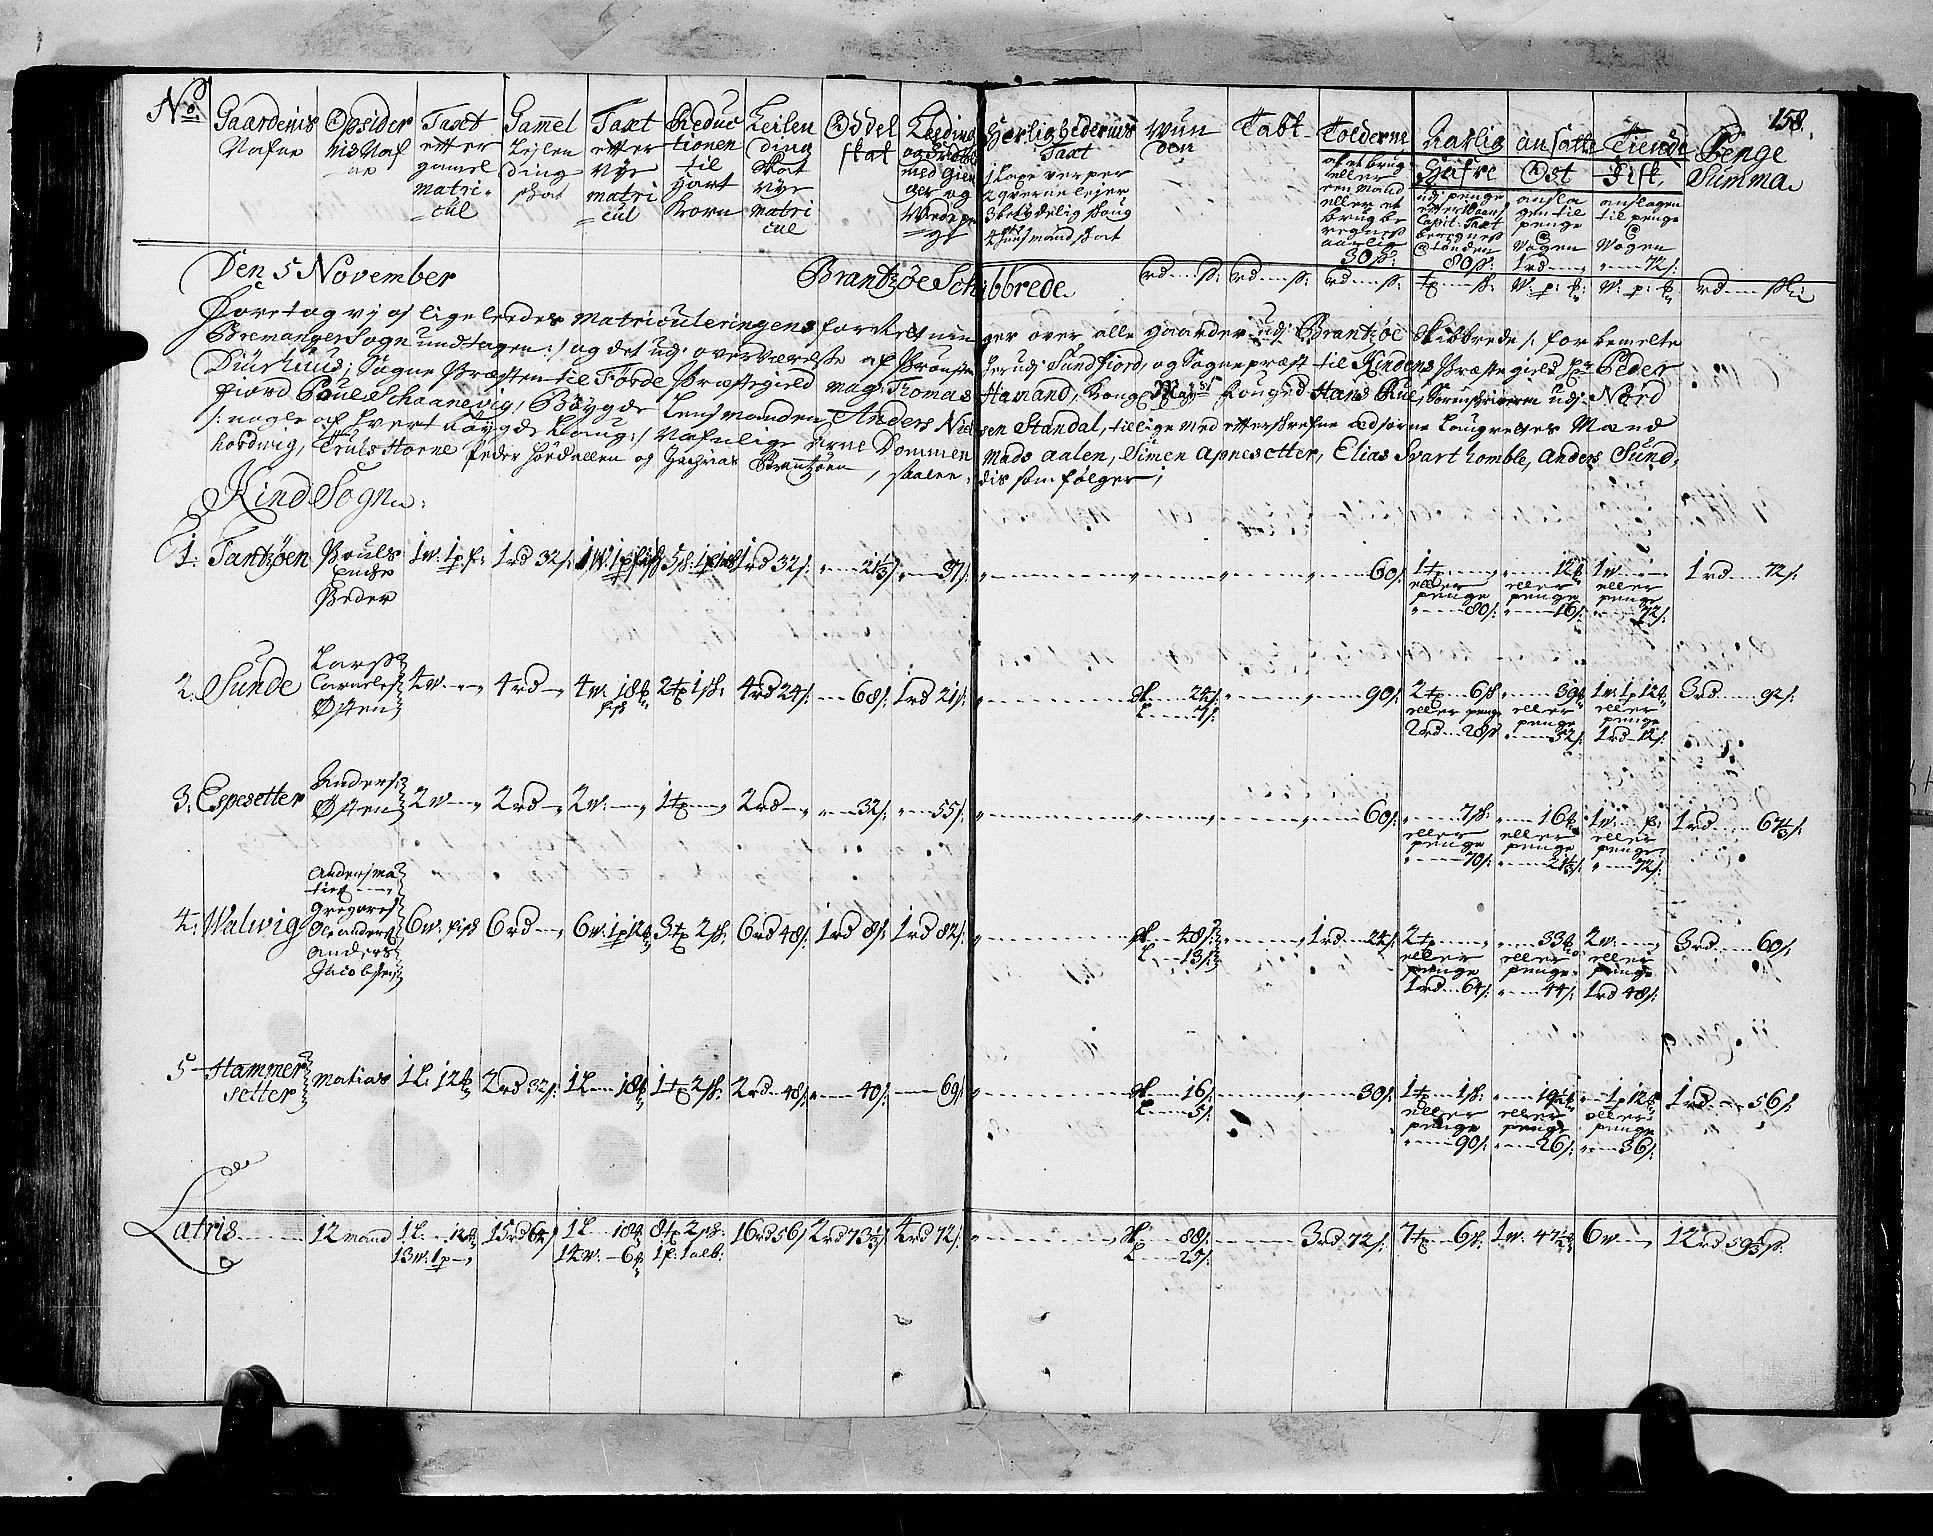 RA, Rentekammeret inntil 1814, Realistisk ordnet avdeling, N/Nb/Nbf/L0147: Sunnfjord og Nordfjord matrikkelprotokoll, 1723, s. 157b-158a